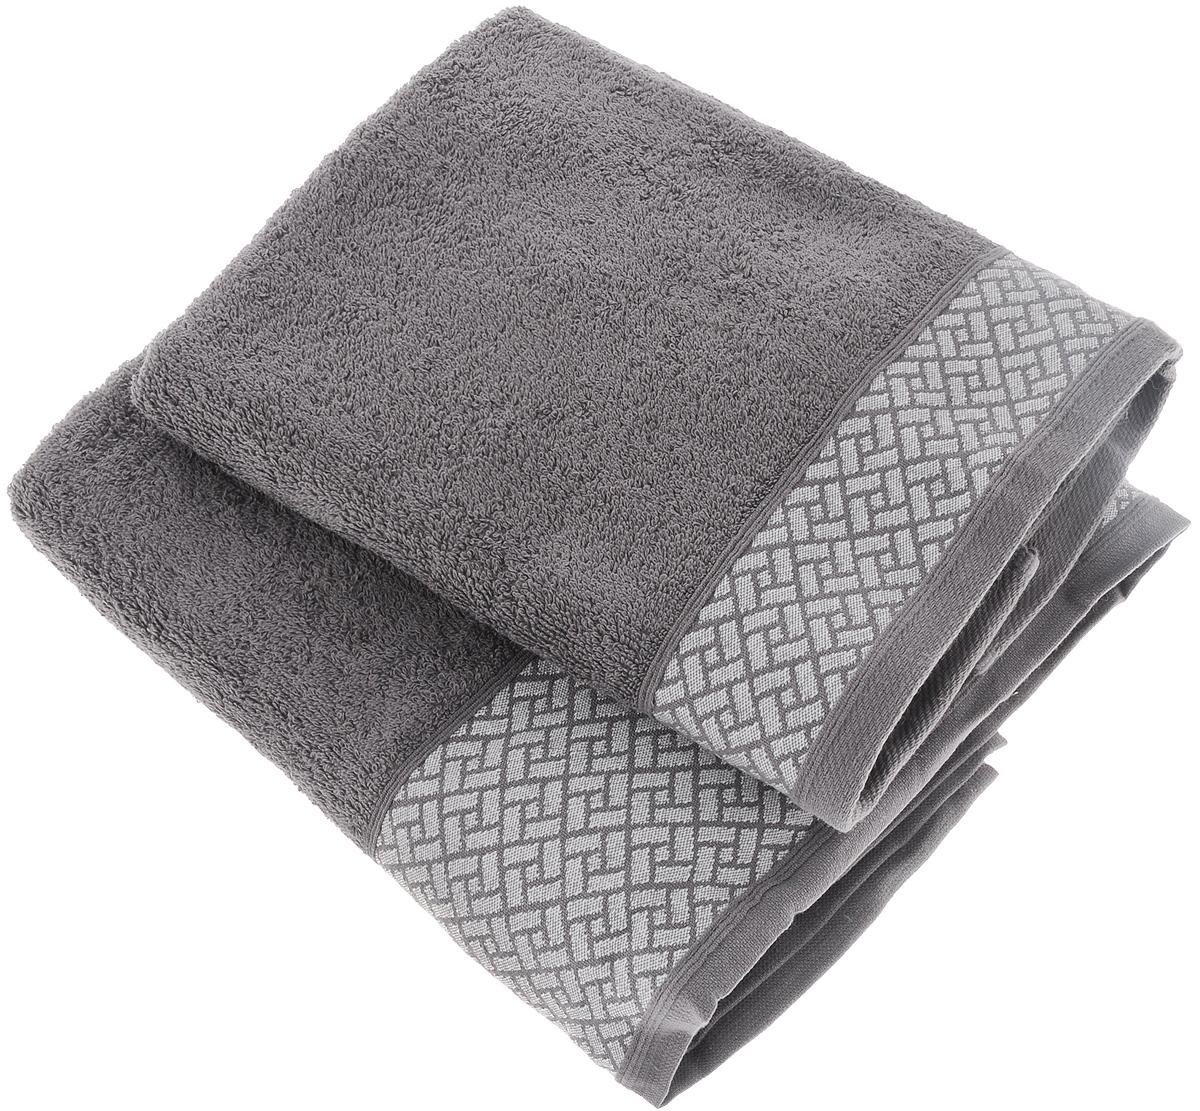 Набор полотенец Tete-a-Tete Лабиринт, цвет: серый, 2 шт. УНП-109-03кУНП-109-03кНабор Tete-a-Tete Лабиринт состоит из двух махровых полотенец, выполненных из натурального 100% хлопка. Бордюр полотенец декорирован геометрическим узором. Изделия мягкие, отлично впитывают влагу, быстро сохнут, сохраняют яркость цвета и не теряют форму даже после многократных стирок. Полотенца Tete-a-Tete Лабиринт очень практичны и неприхотливы в уходе. Они легко впишутся в любой интерьер благодаря своей нежной цветовой гамме. Размеры полотенец: 50 х 90 см, 70 х 140 см.